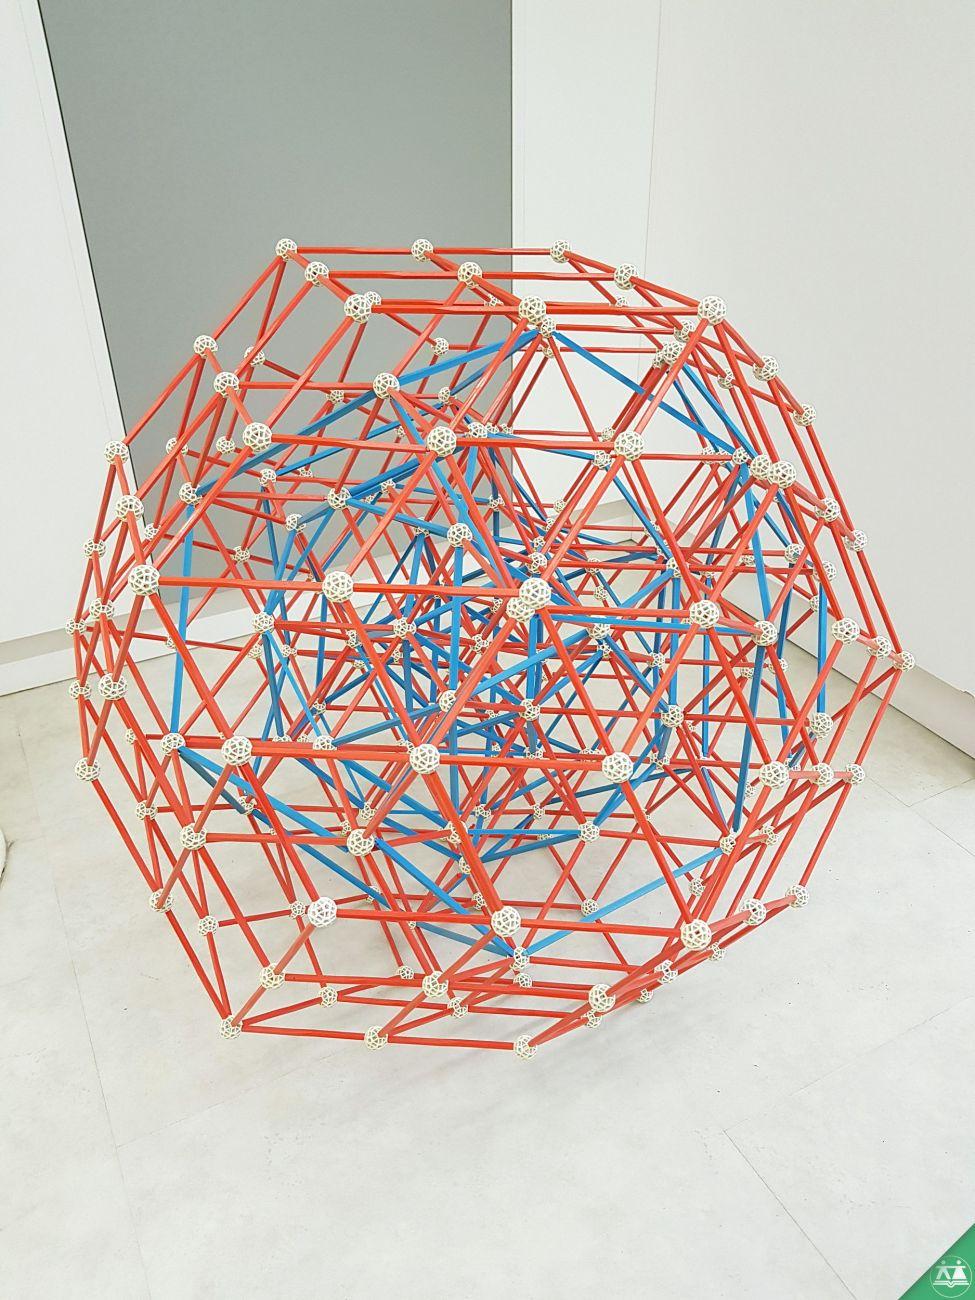 Hisa-poliedrov-drzavni-zbor-hisa-iluzij-005